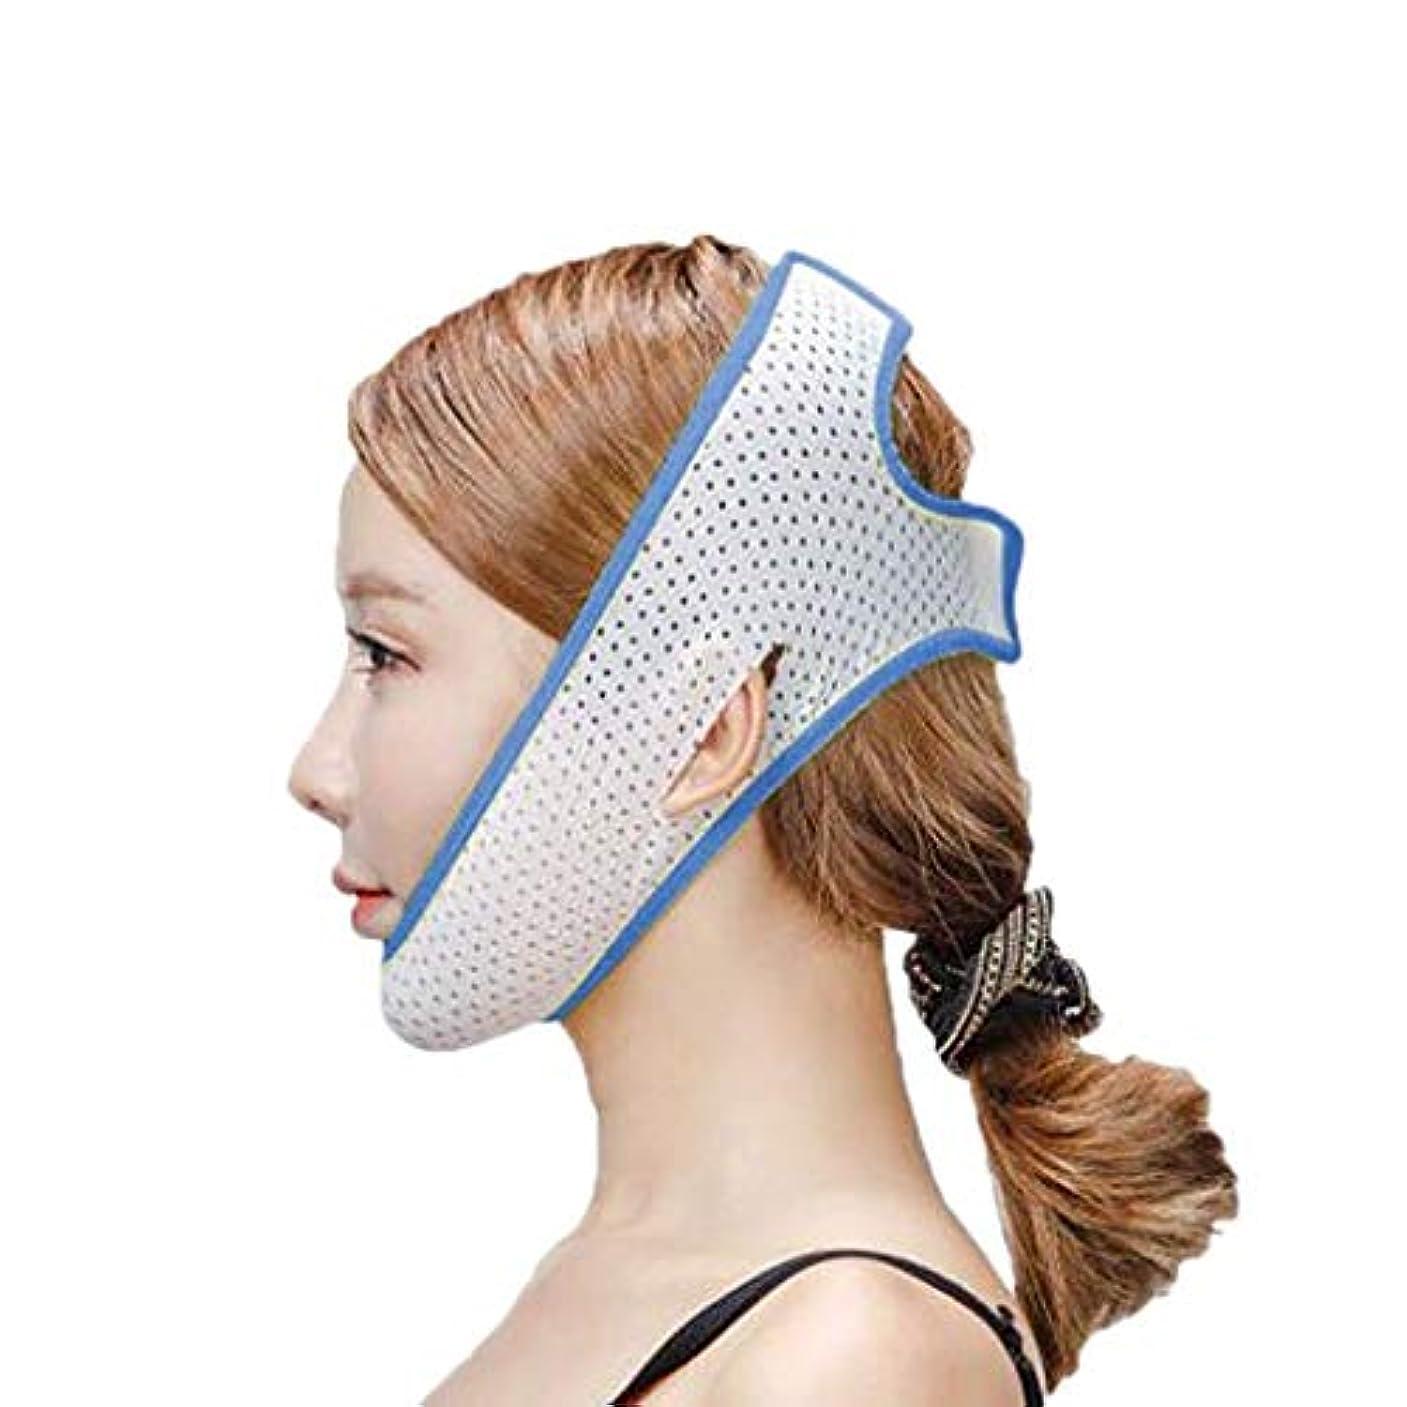 救急車修理可能すみませんフェイスリフトマスク、ダブルチンストラップ、フェイシャル減量マスク、フェイシャルダブルチンケアスリミングマスク、リンクルマスク(フリーサイズ)(カラー:ブラック),青